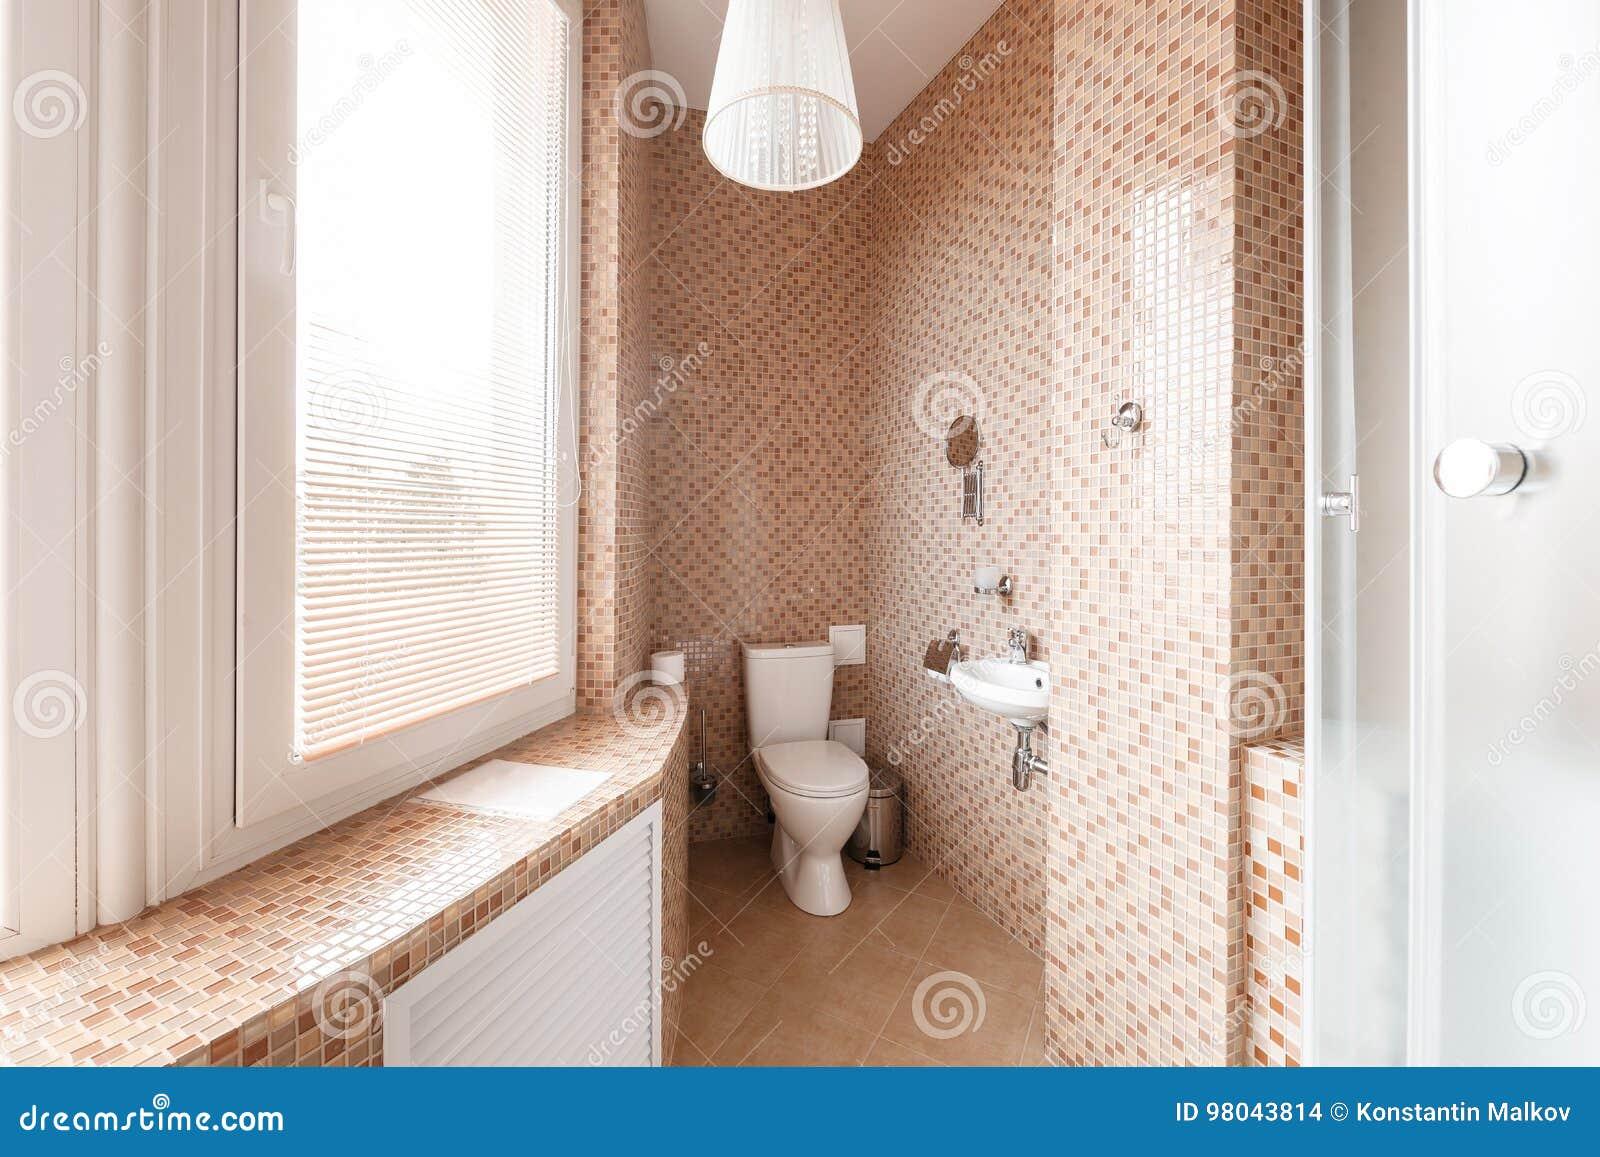 Bagni Di Lusso Moderni bagno di lusso moderno con la cabina e la finestra della